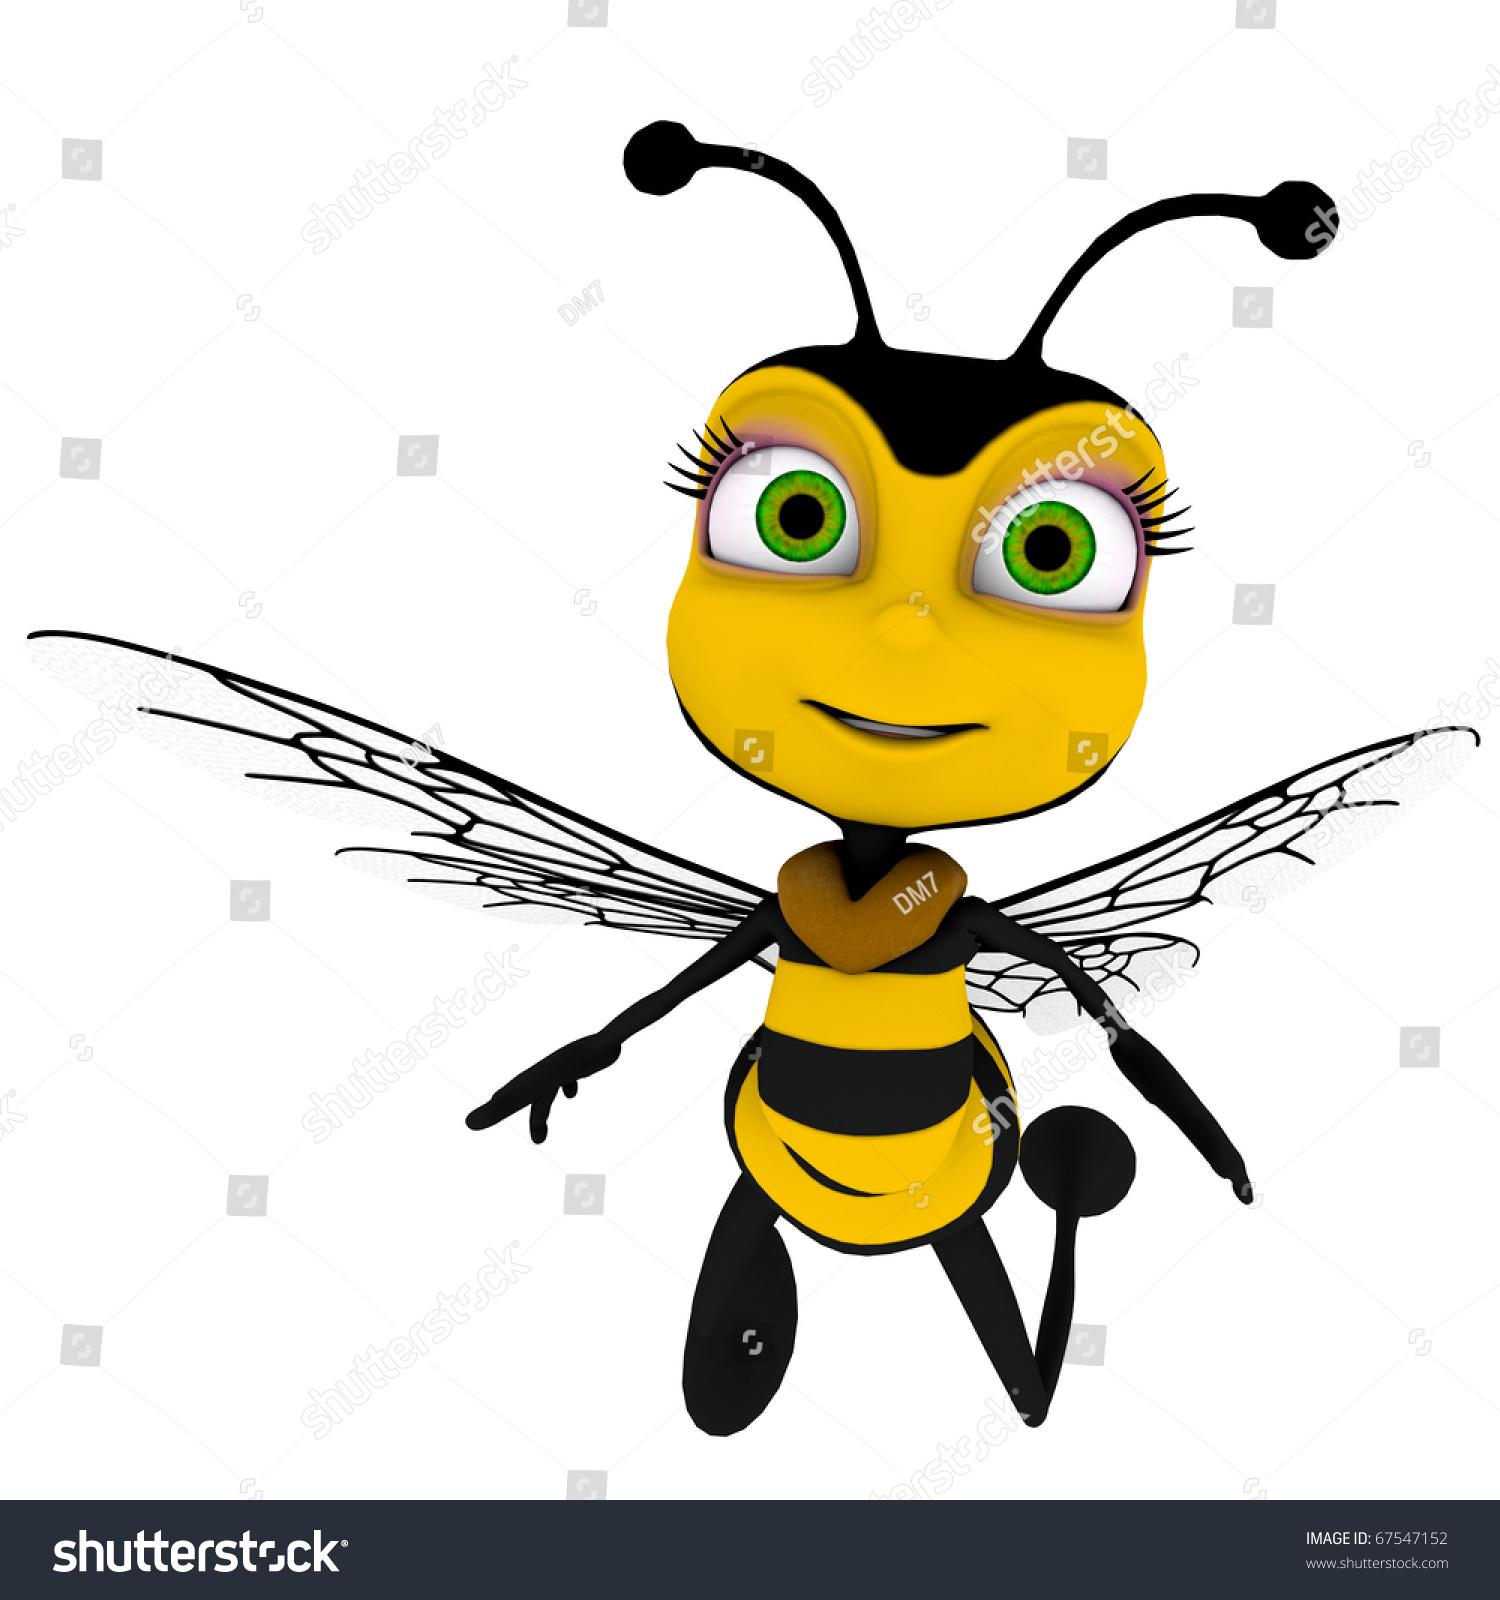 蜜蜂卡通在休闲飞行-动物/野生生物,插图/剪贴图-海洛